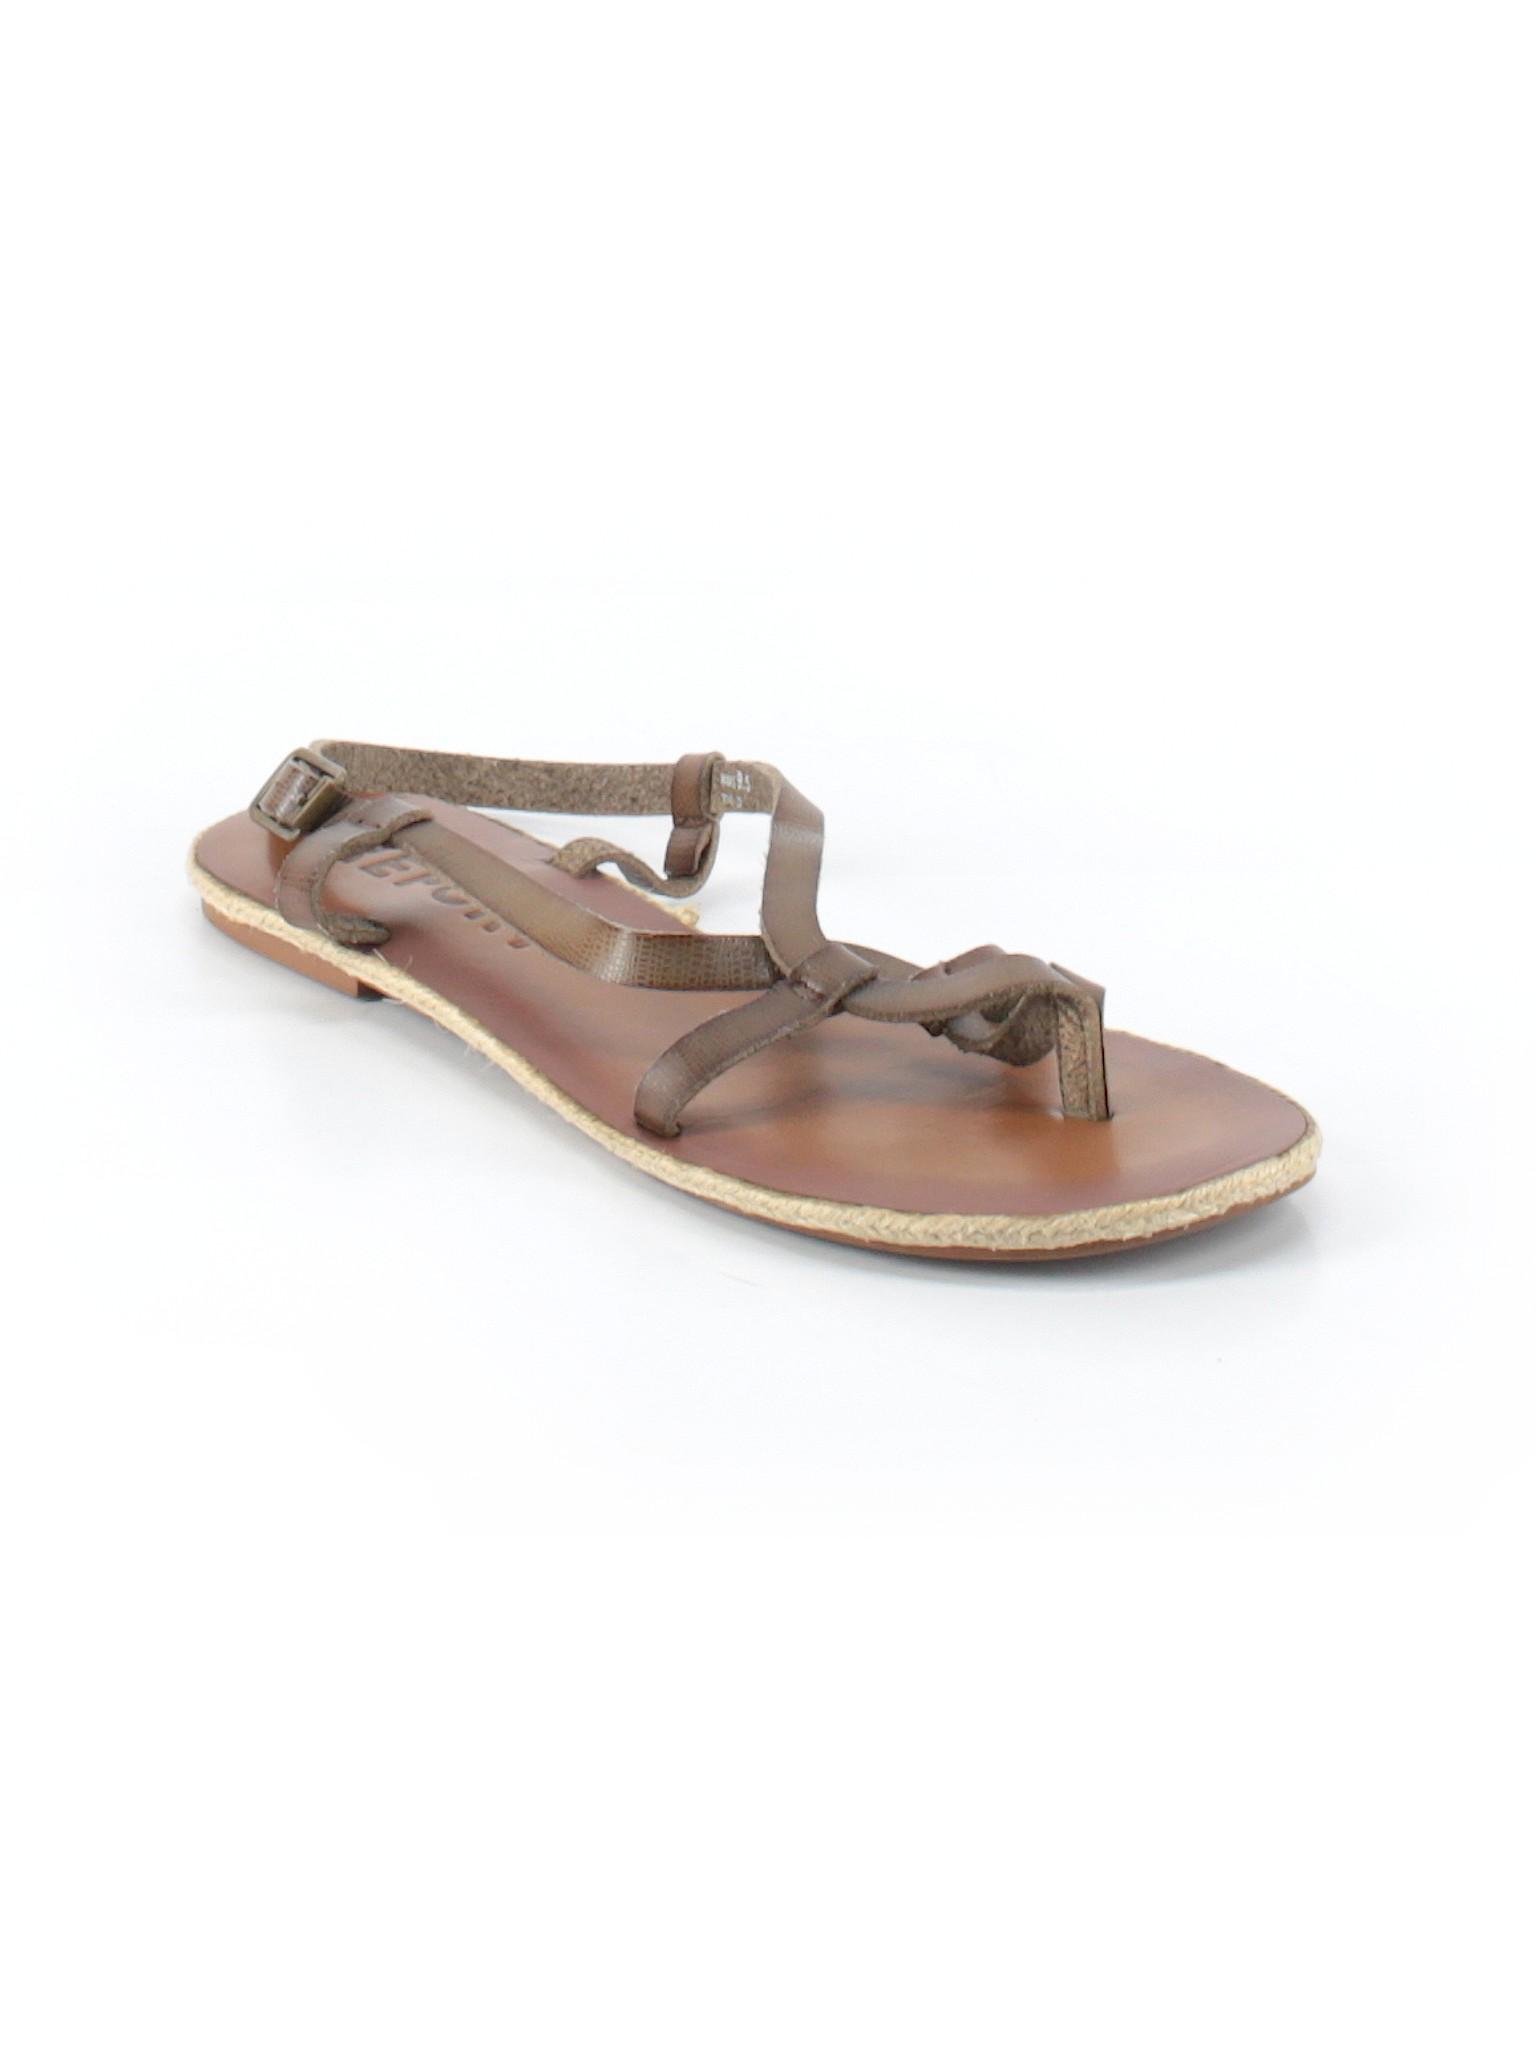 Sandals promotion REPORT Boutique Boutique promotion IRwxqX7c0